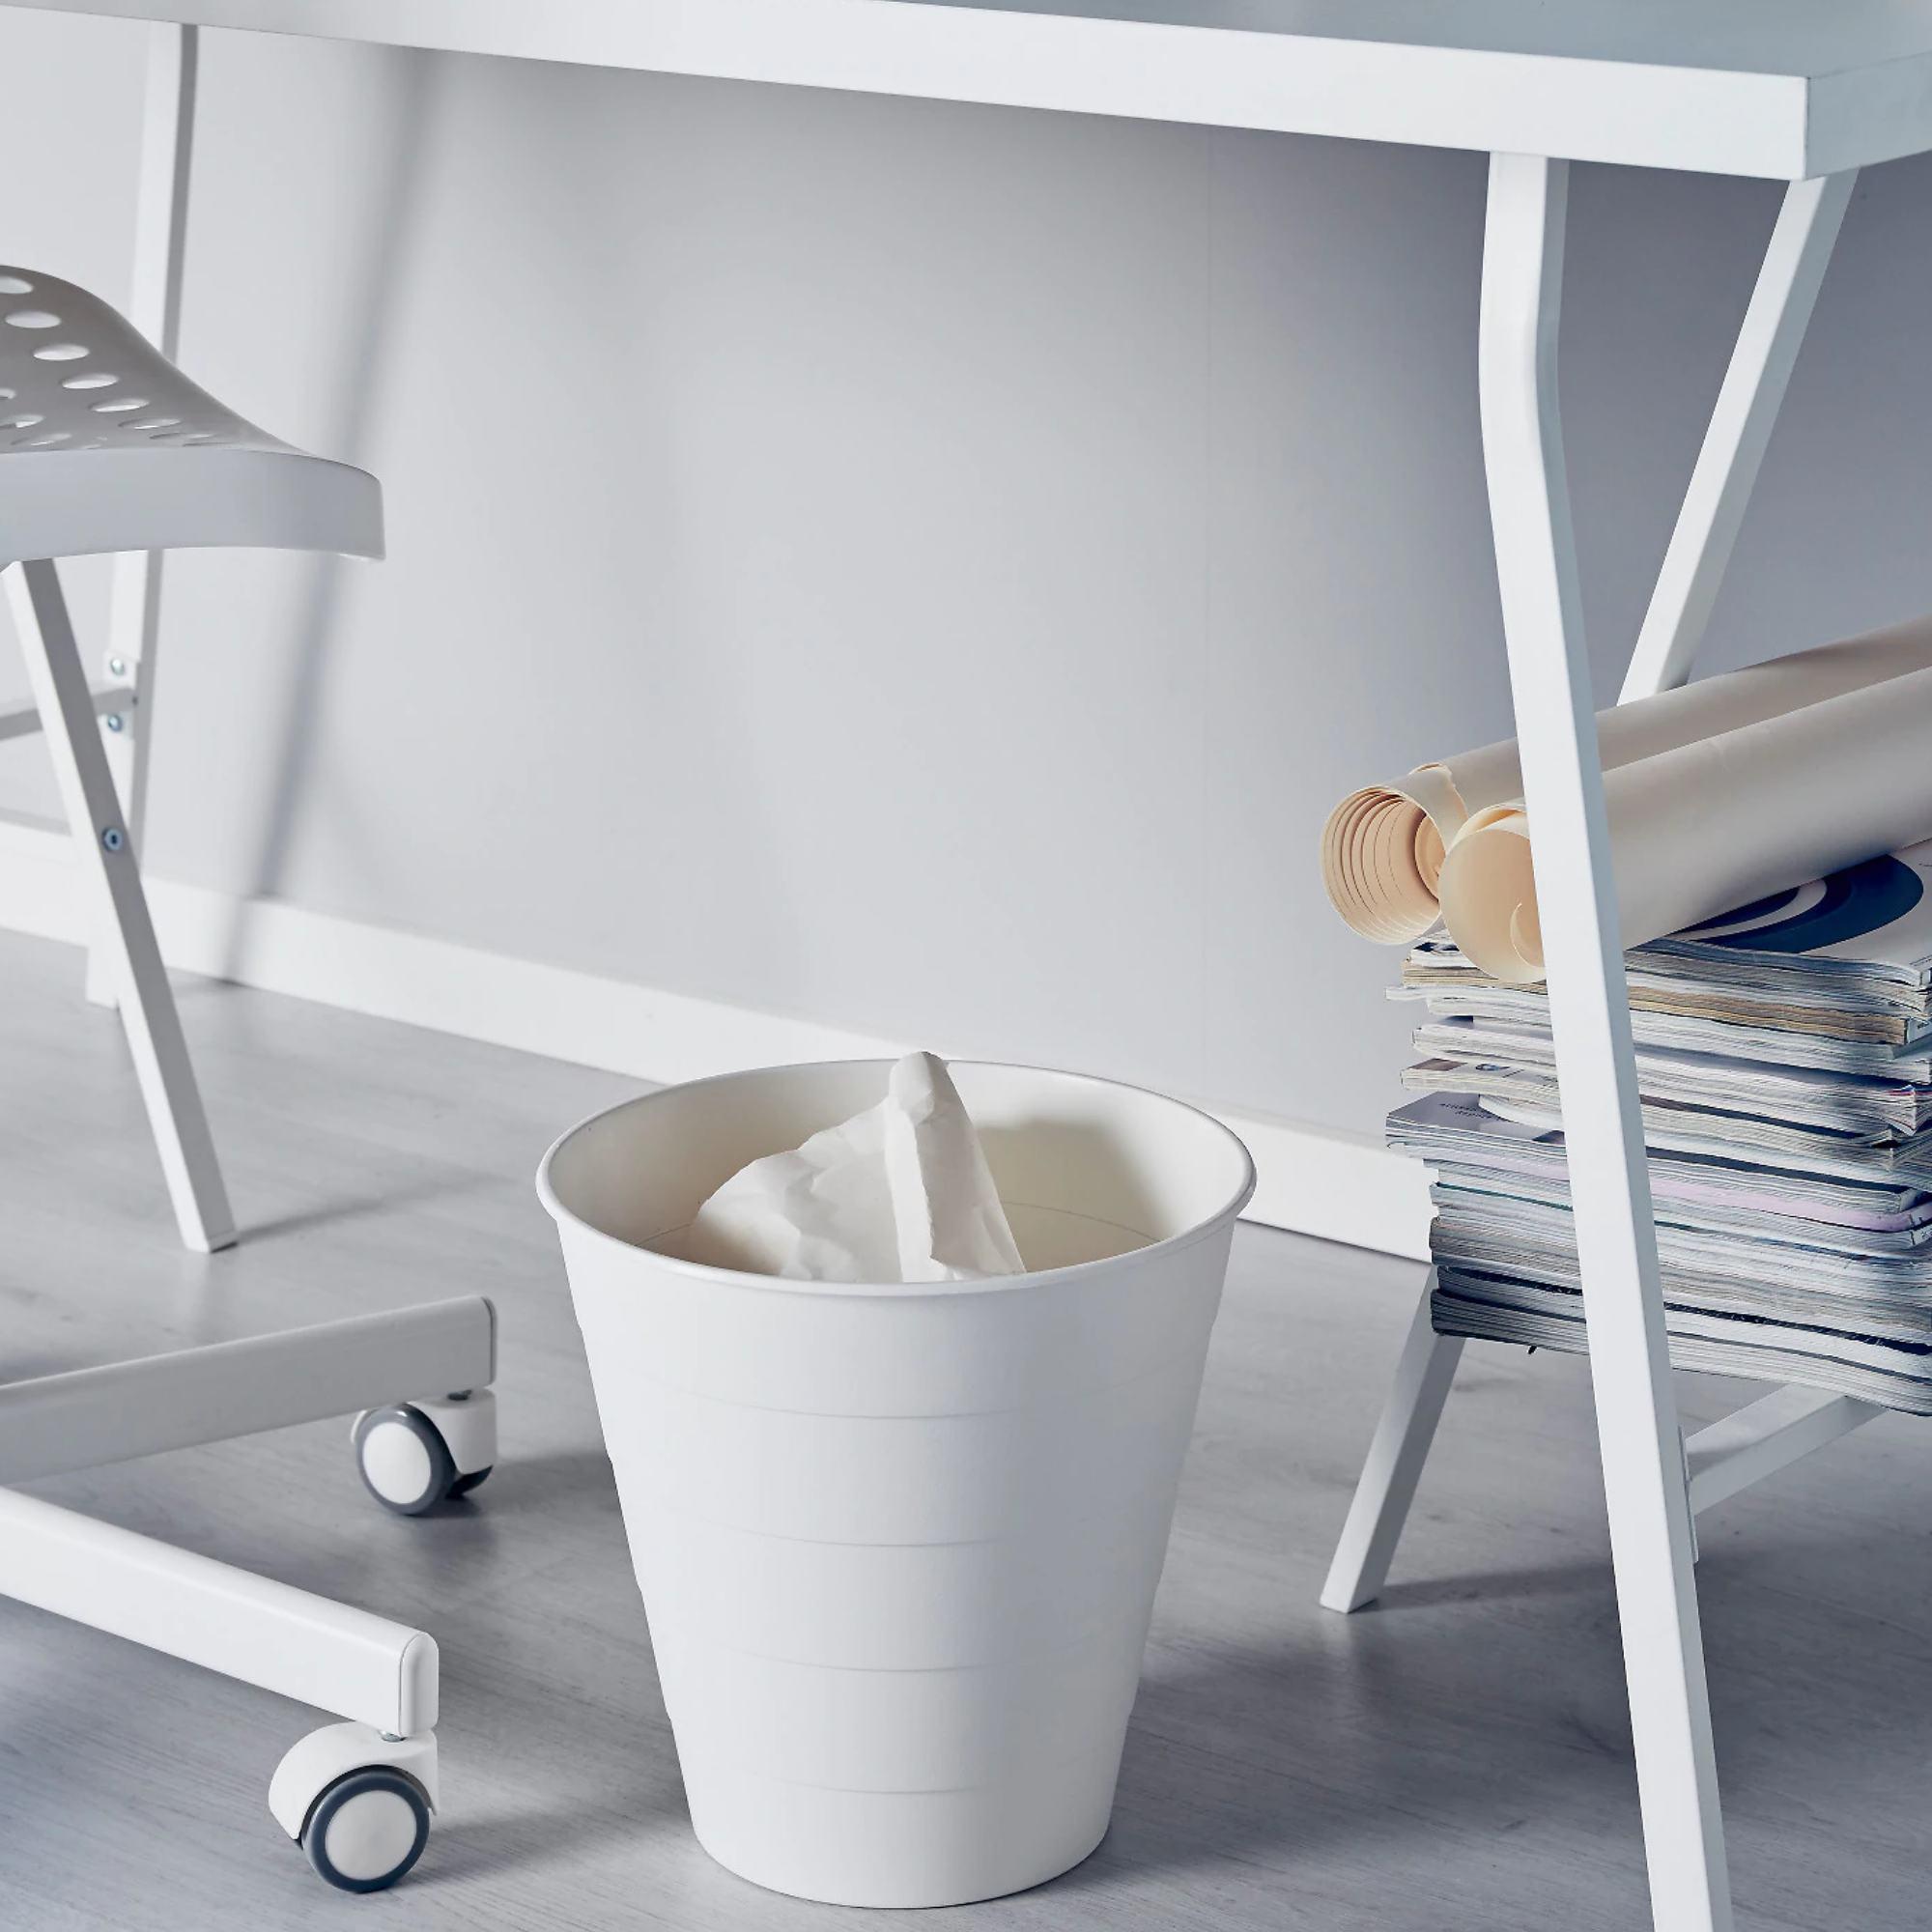 #垃圾桶 $35 沒錯!如果要提升房間整體的質感,就是連垃圾桶這樣的小細節都不可以錯過!IKEA的垃圾桶不但簡約,而且也挺便宜的!編編自己也有買一個,但是拿來裝發票的,兩個月再整理一次就好!超方便的!(到底多懶XD)